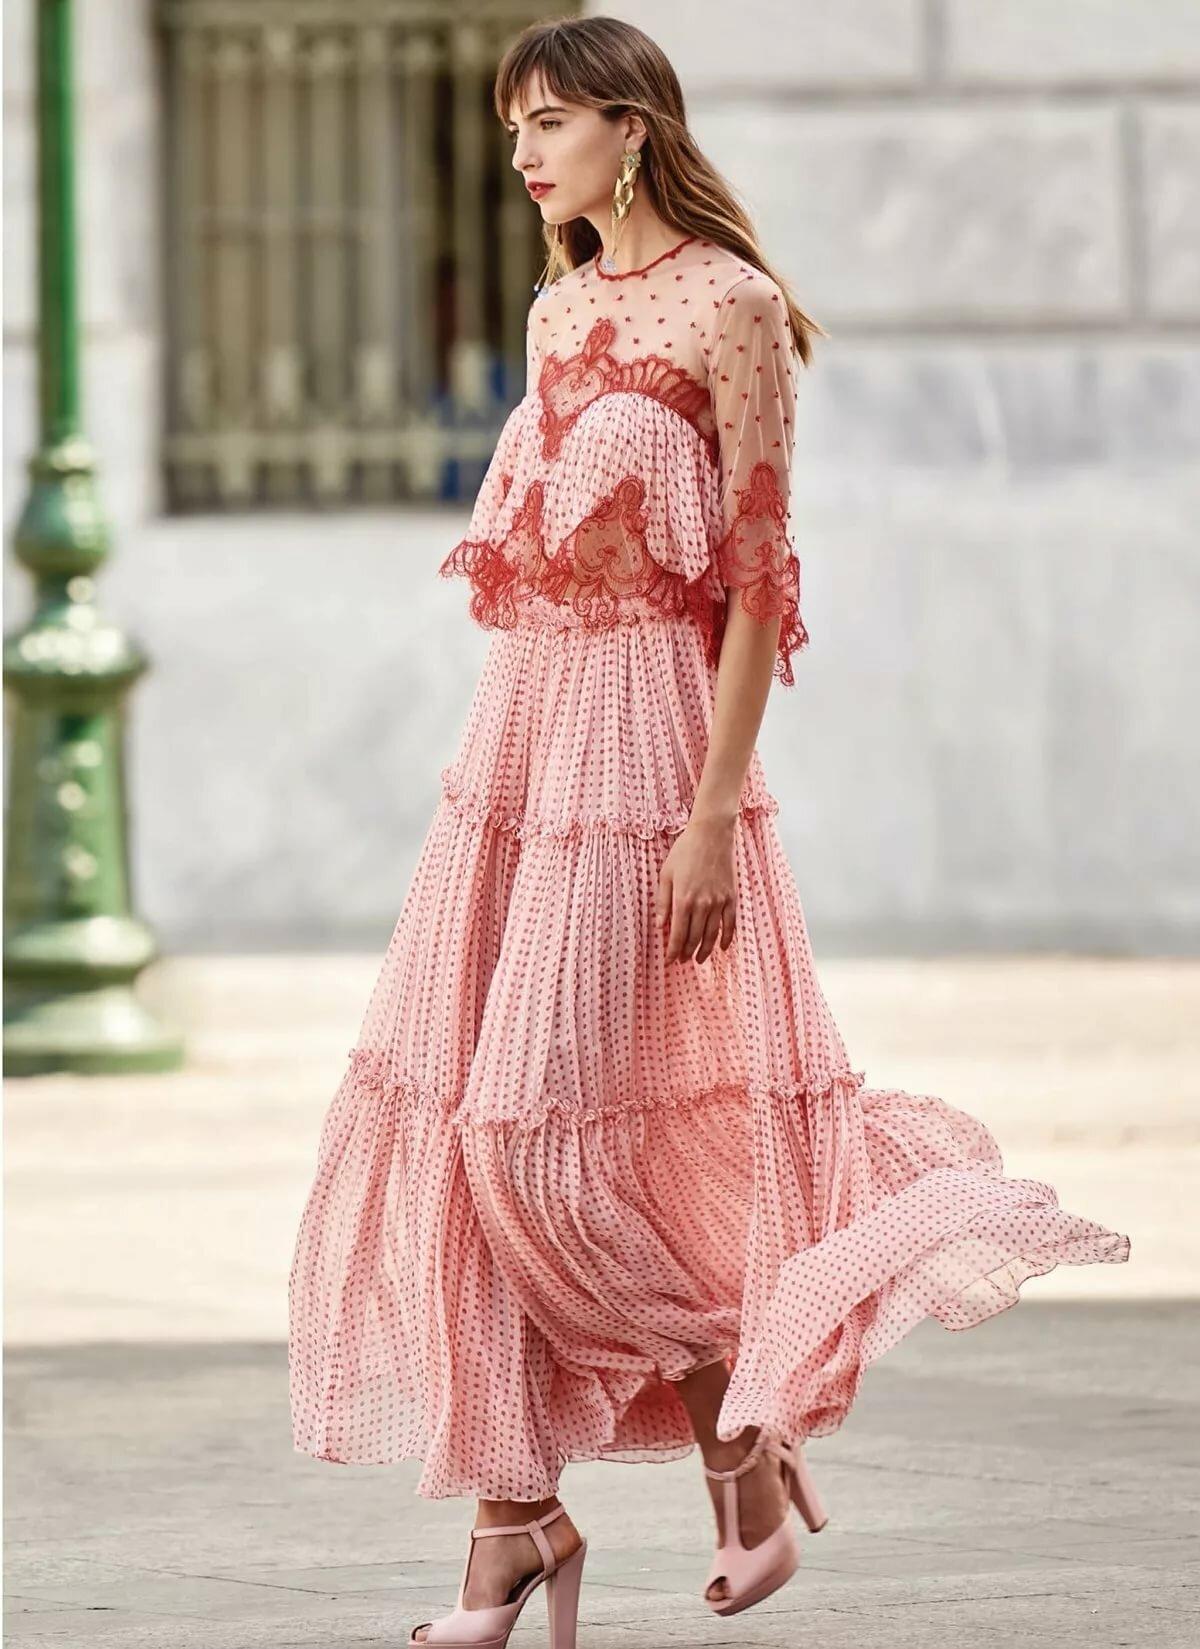 Картинки романтический стиль в одежде